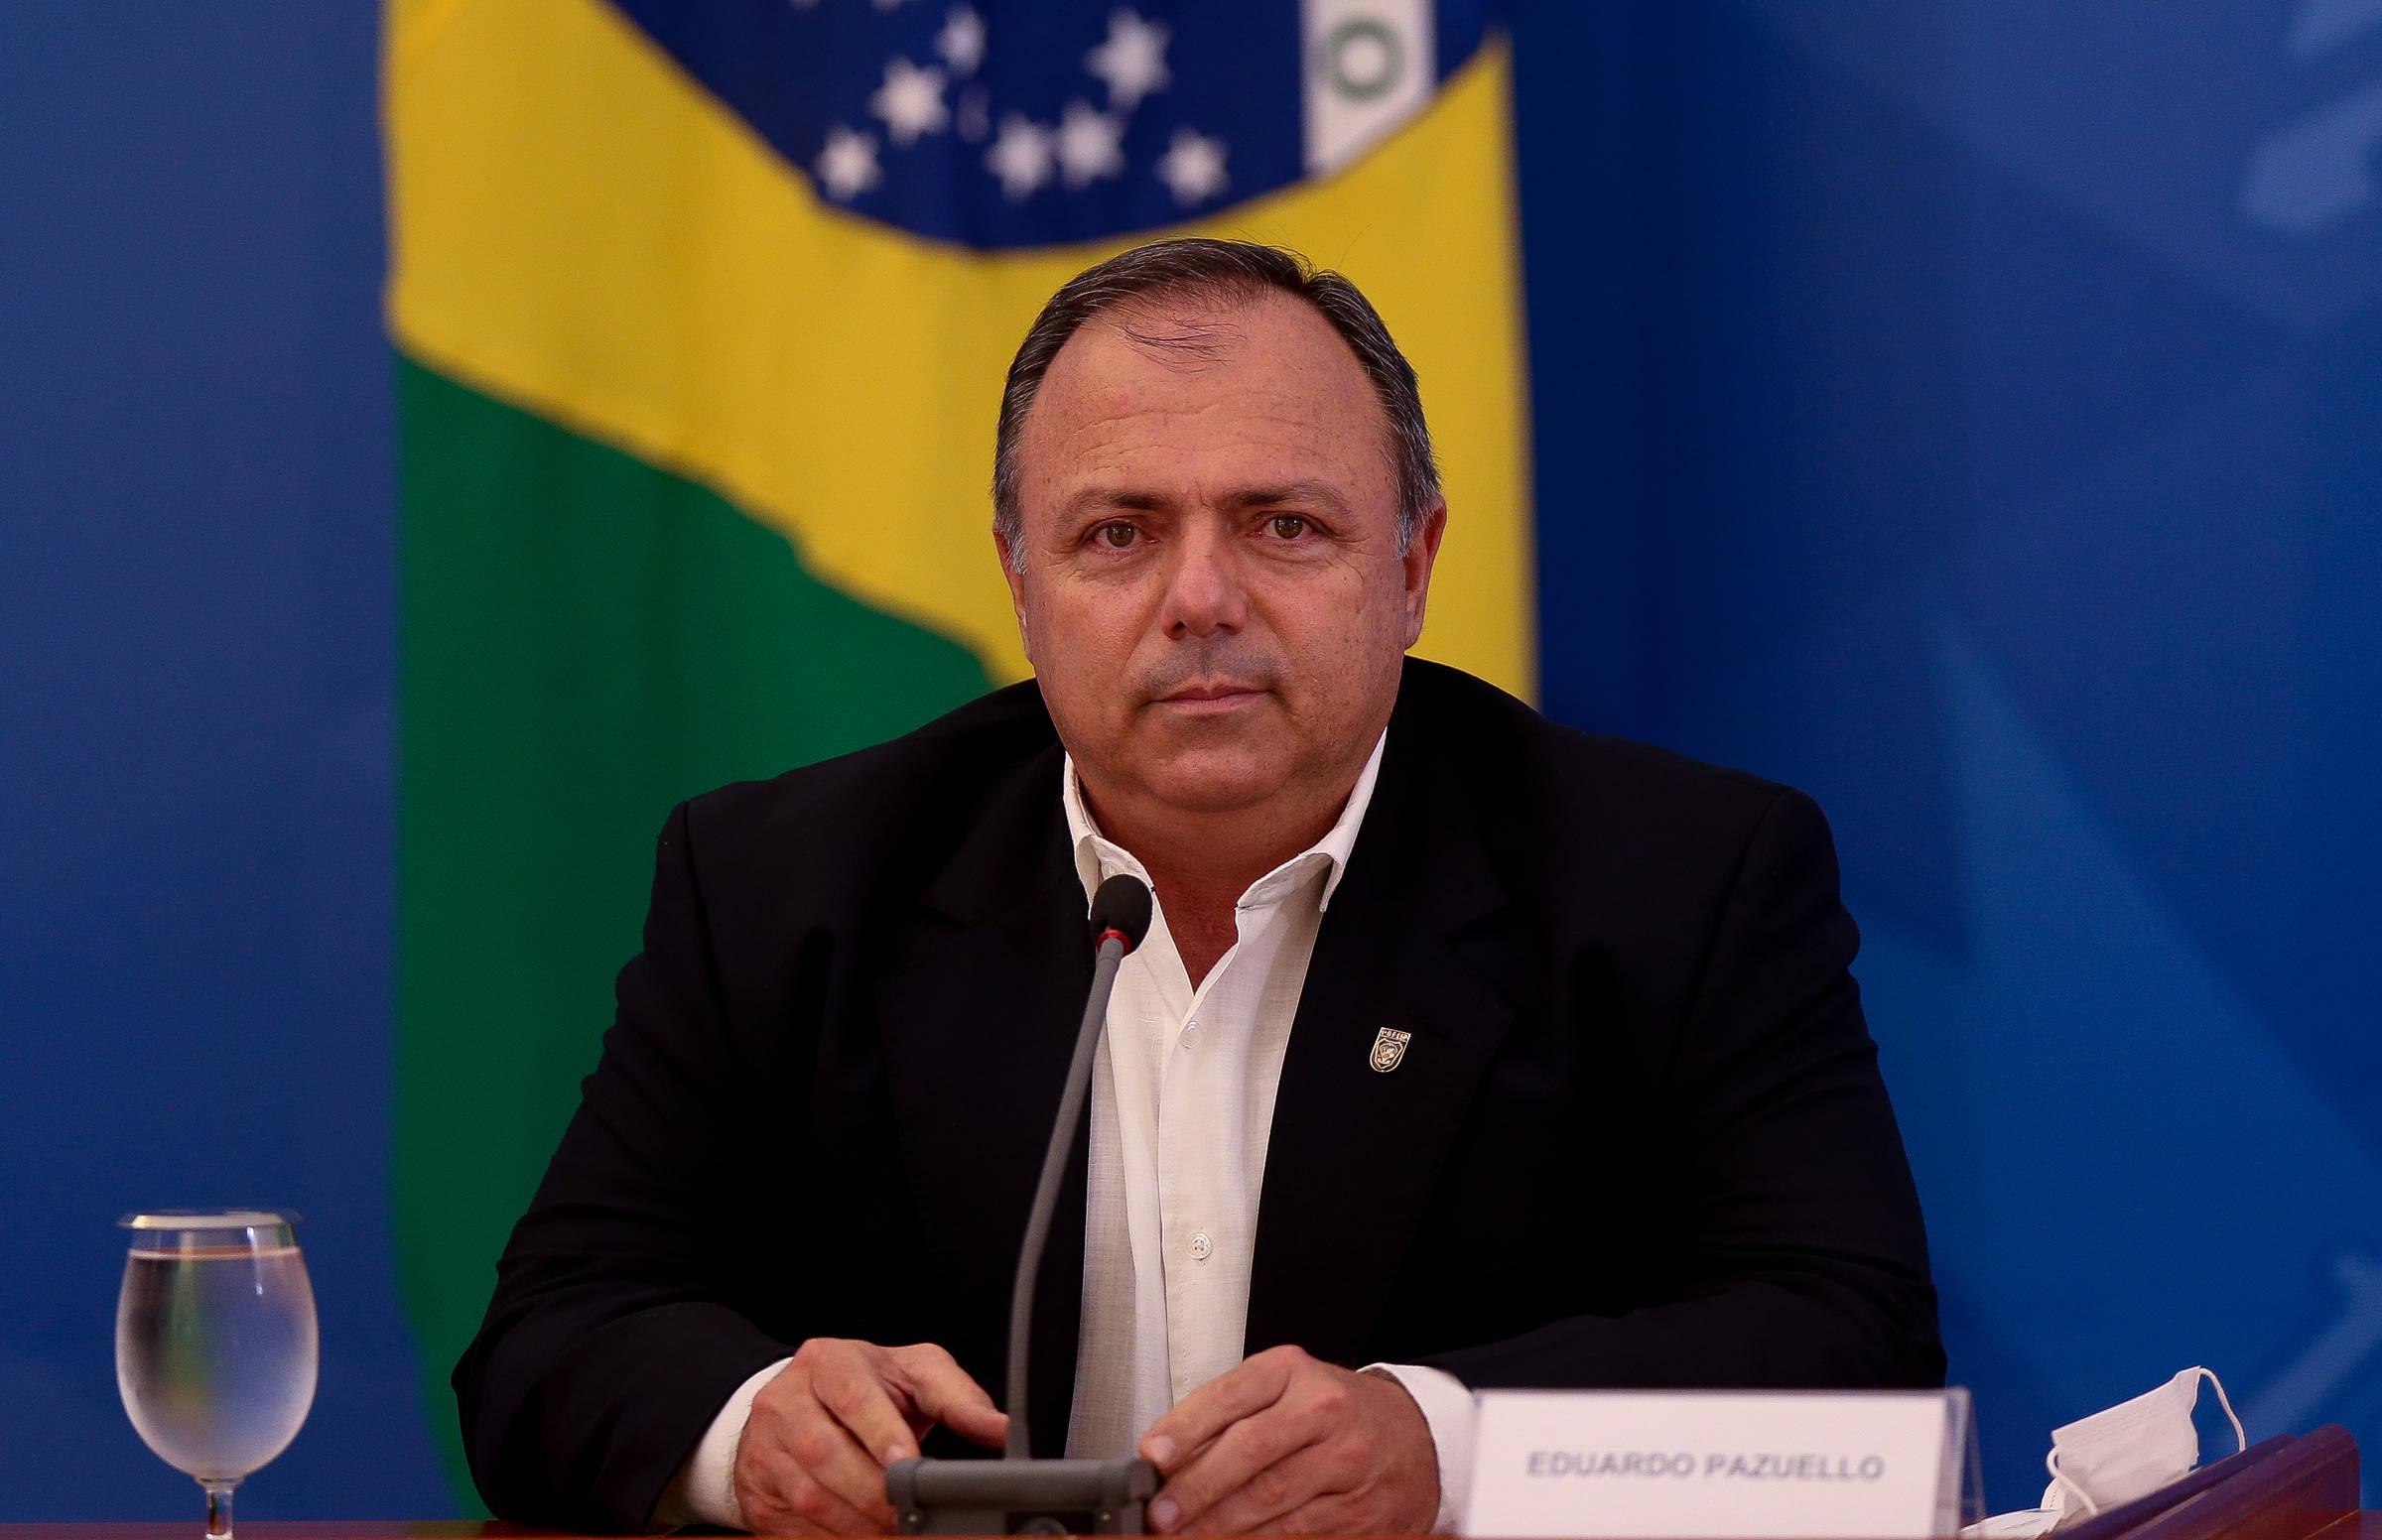 Foto: Foto: Jornal Nacional/ Reprodução